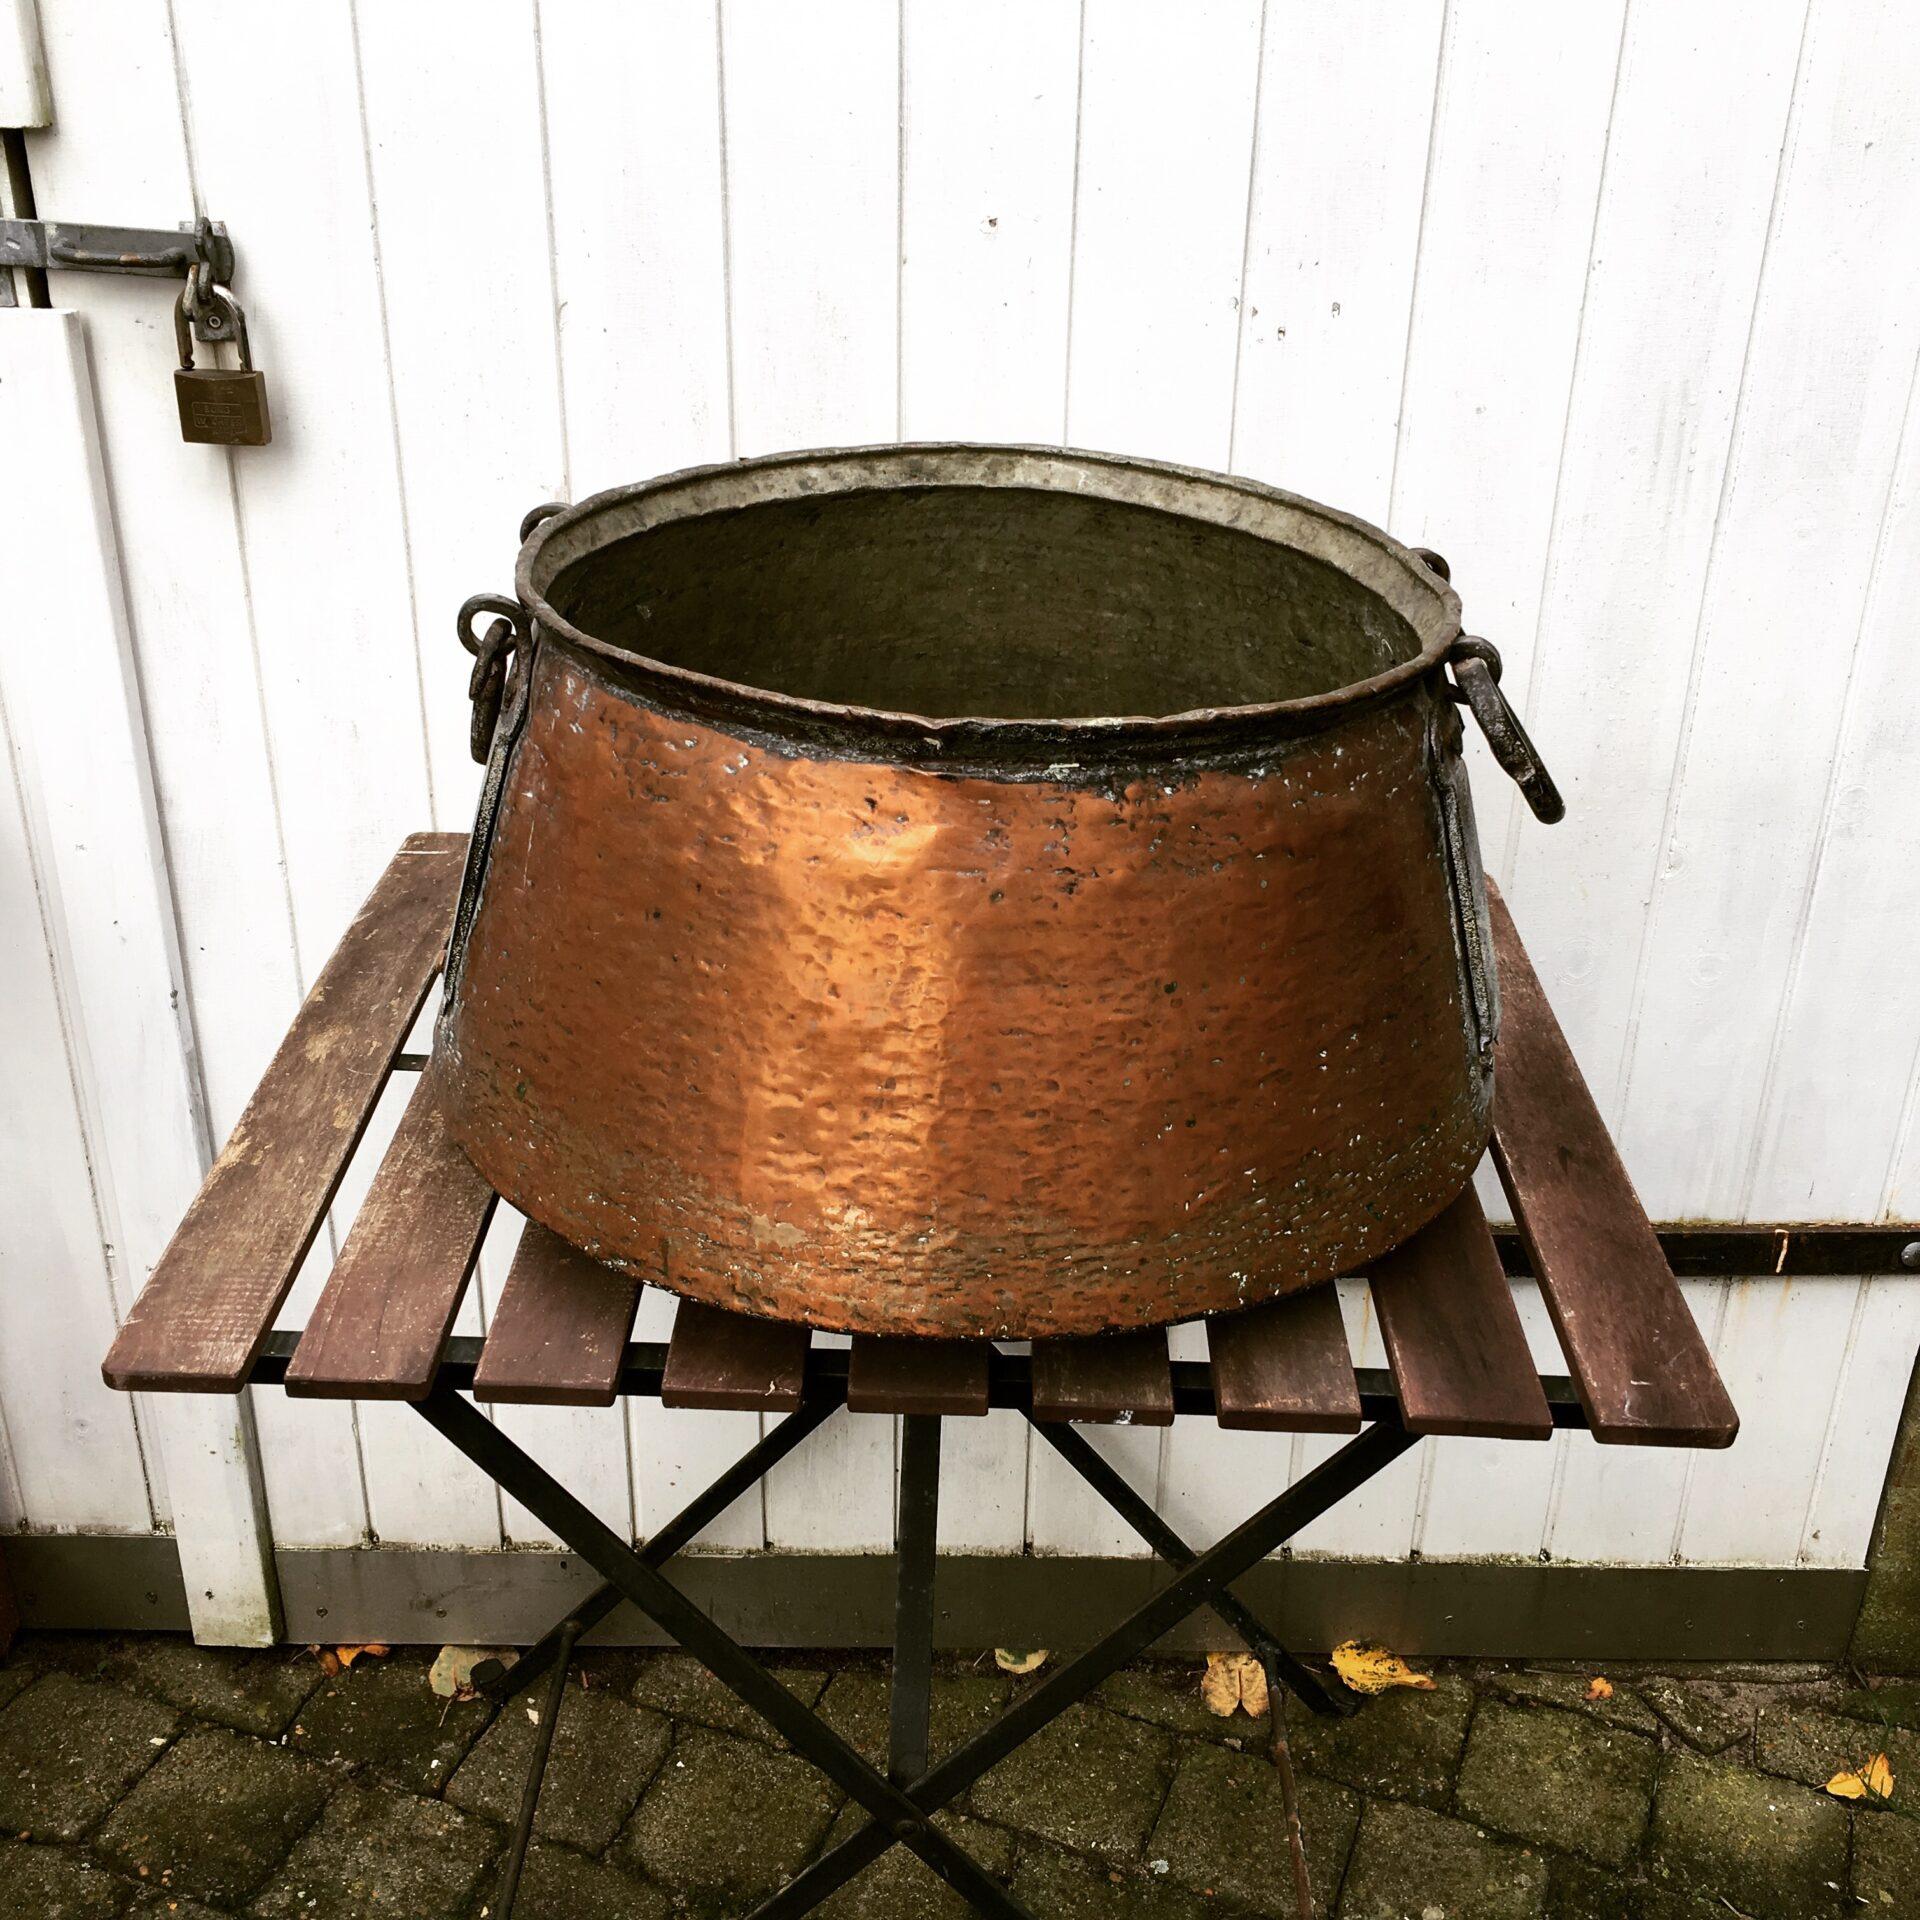 Kobberkedel til bænde, h= 30 cm, pris 400 kr